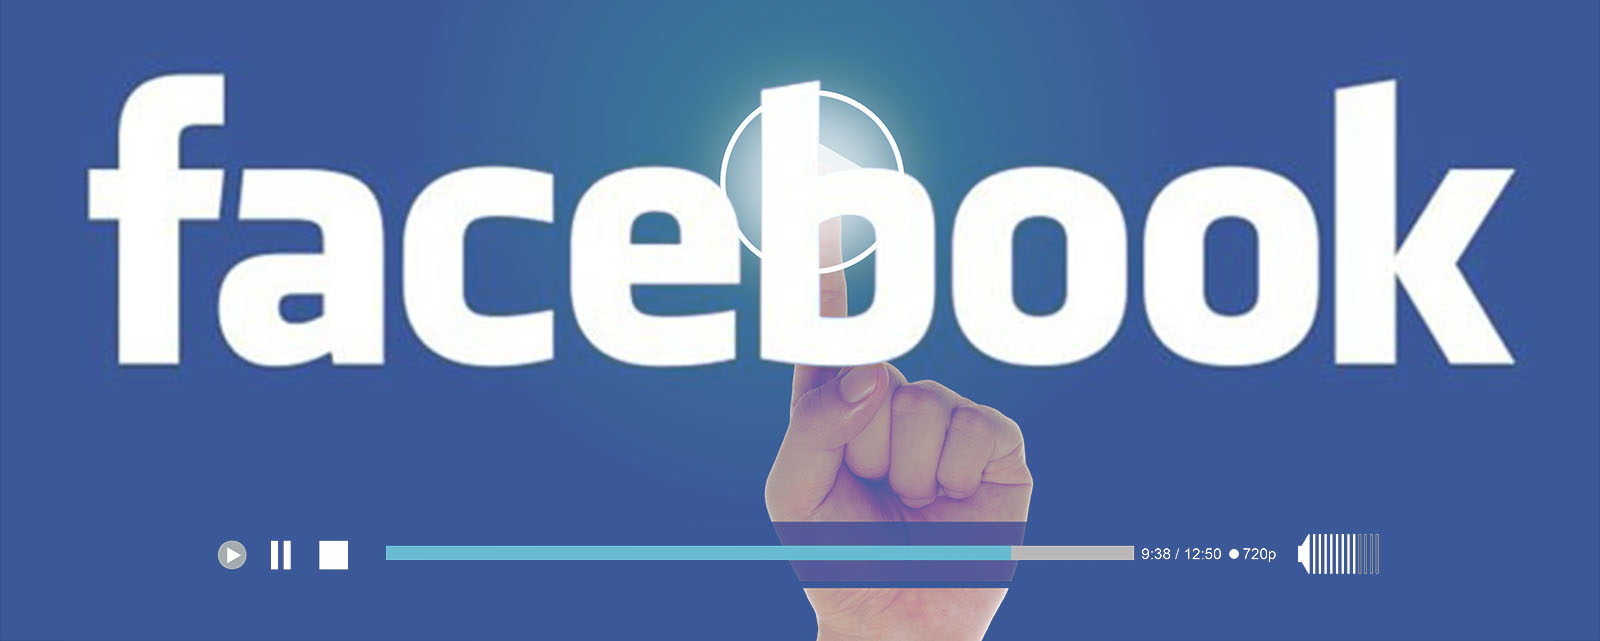 Faceboo e Video